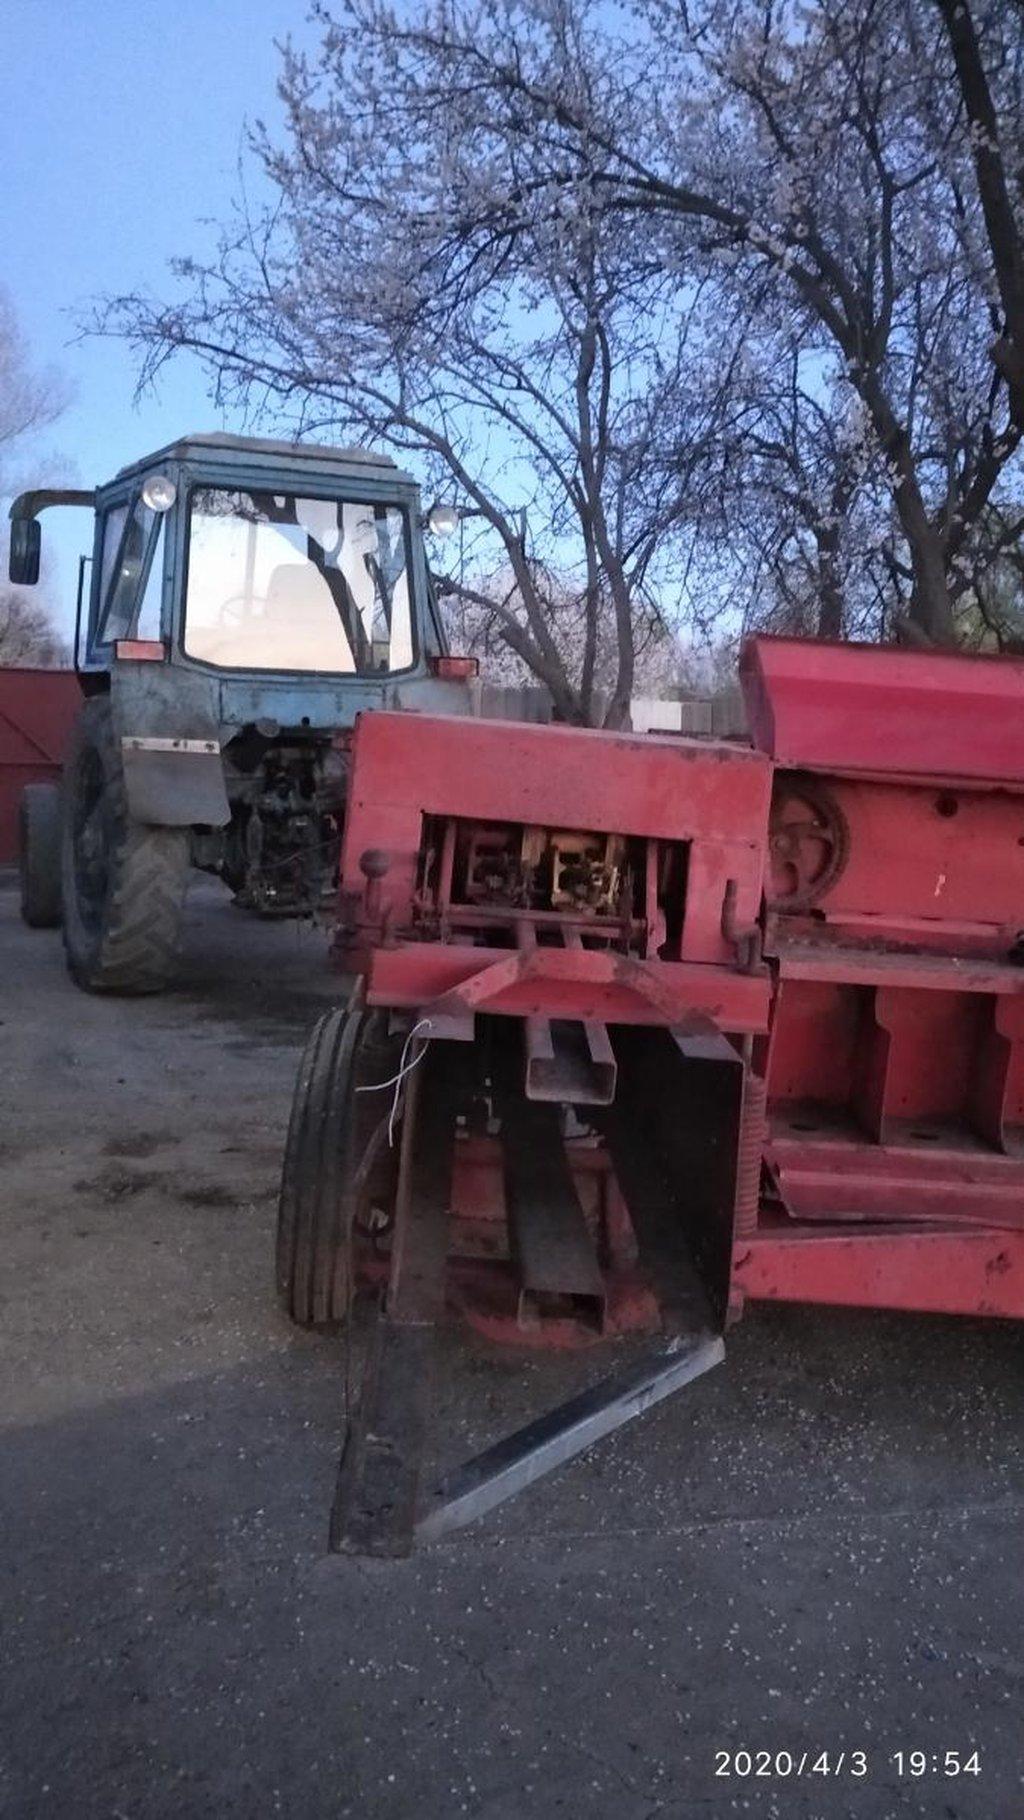 Трактор80 пресси менен абалы жакшы 12  мин доллар же портерге алмашам кошуп бересинер